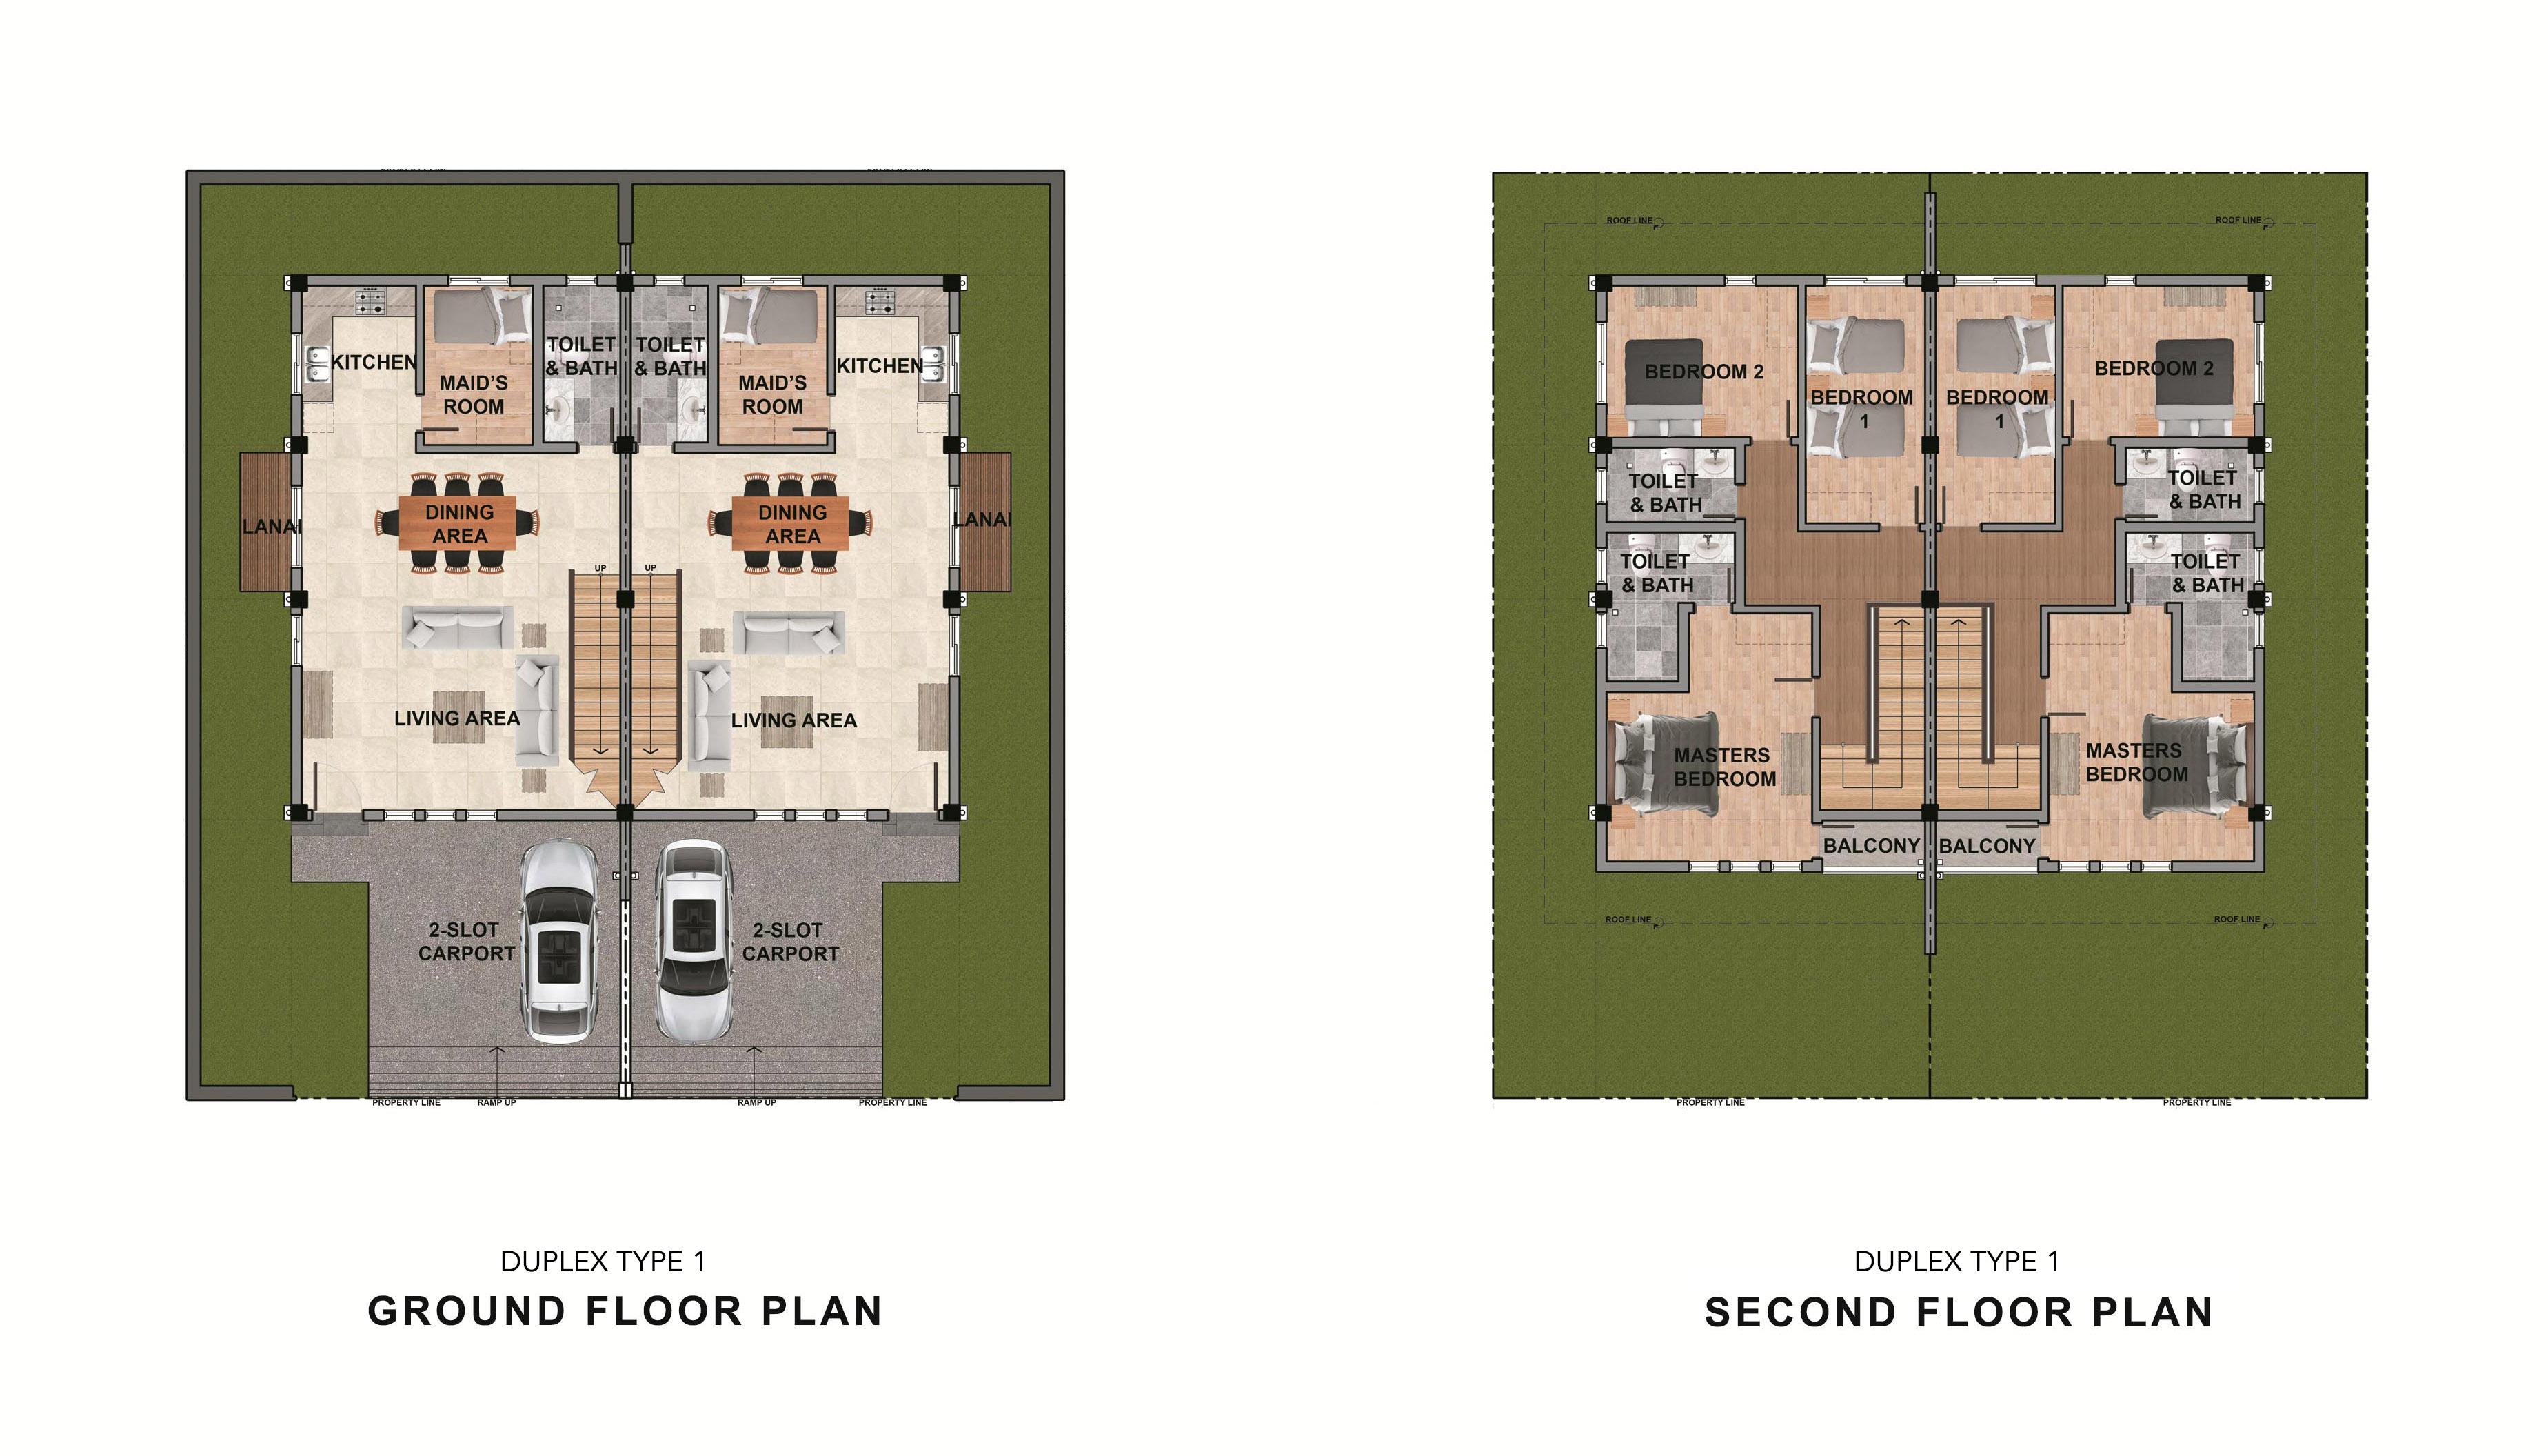 duplex type1 unit layout